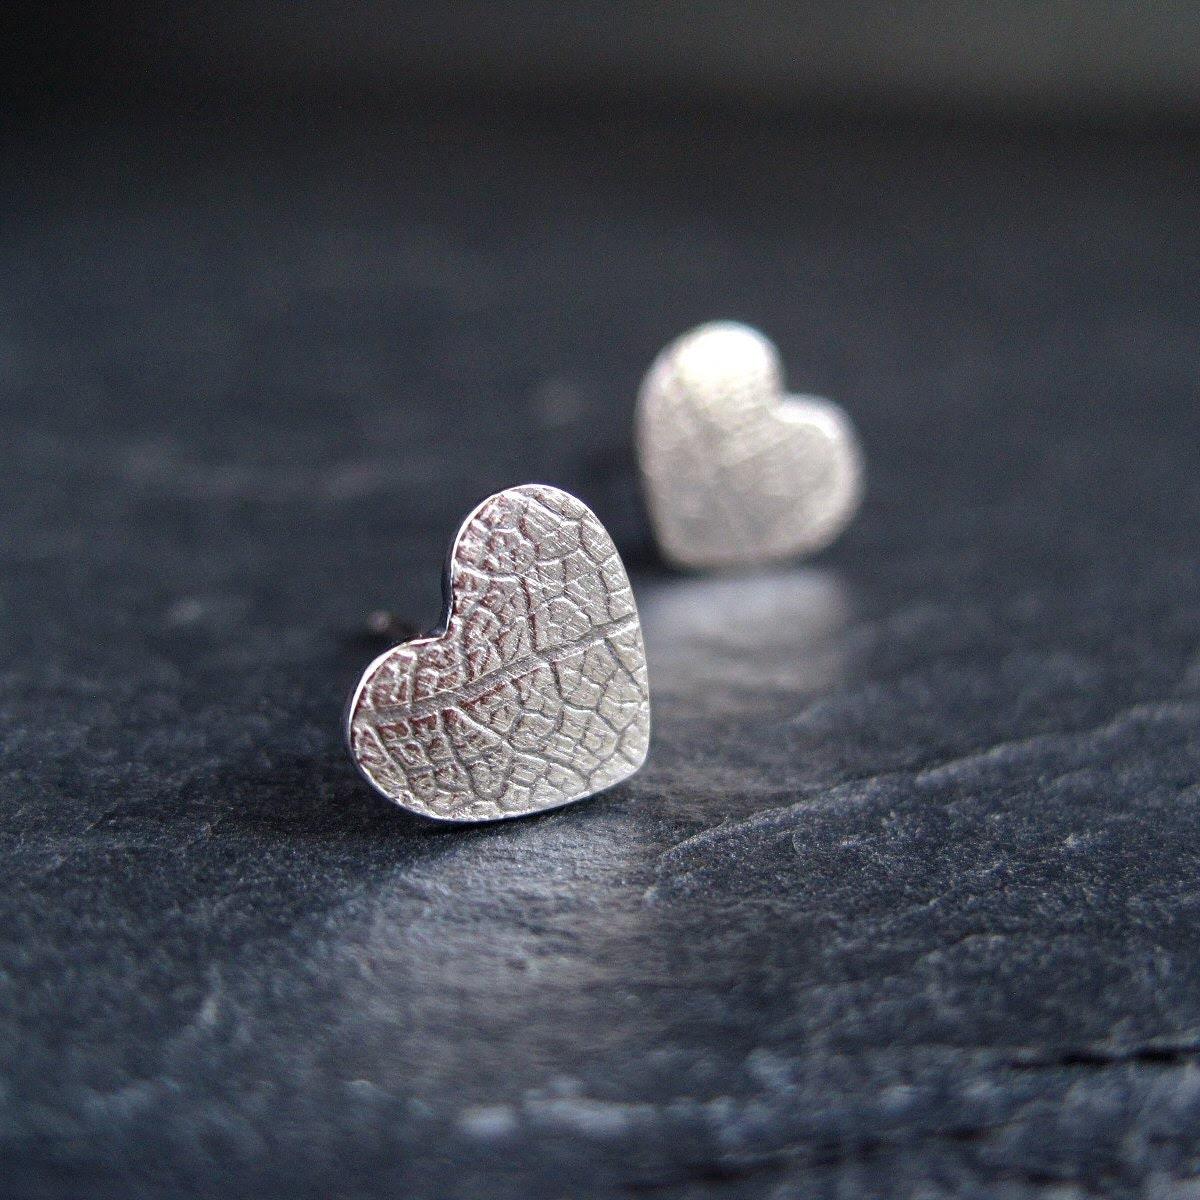 Leaf Vein Texture Silver Studs, sterling silver earrings, oxidized silver stud earrings, post earrings, silver heart earrings - CinnamonJewellery